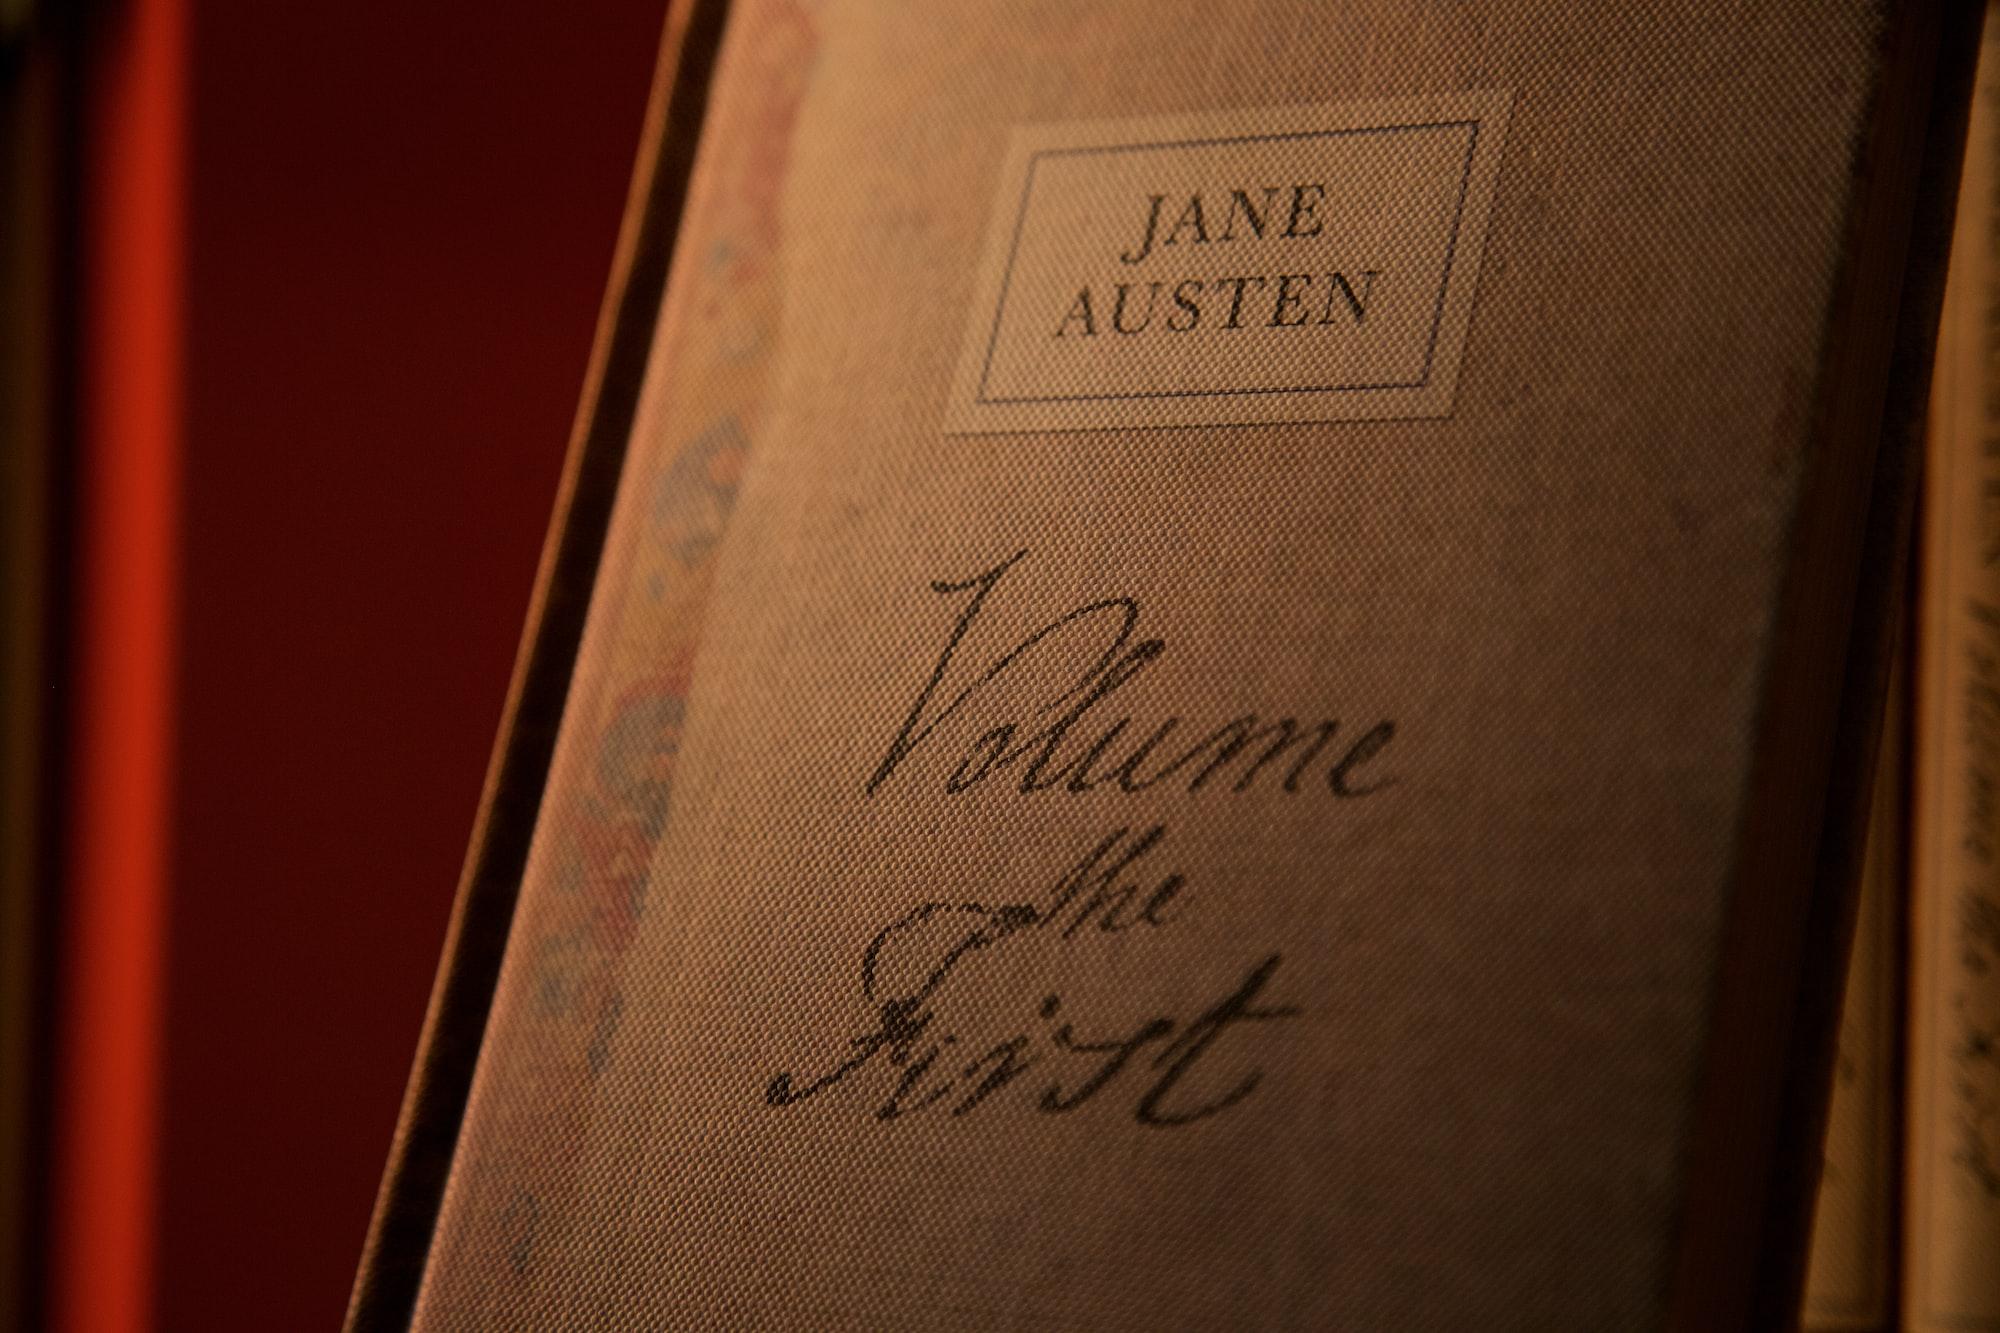 Austen in an old Oxford bookshop.